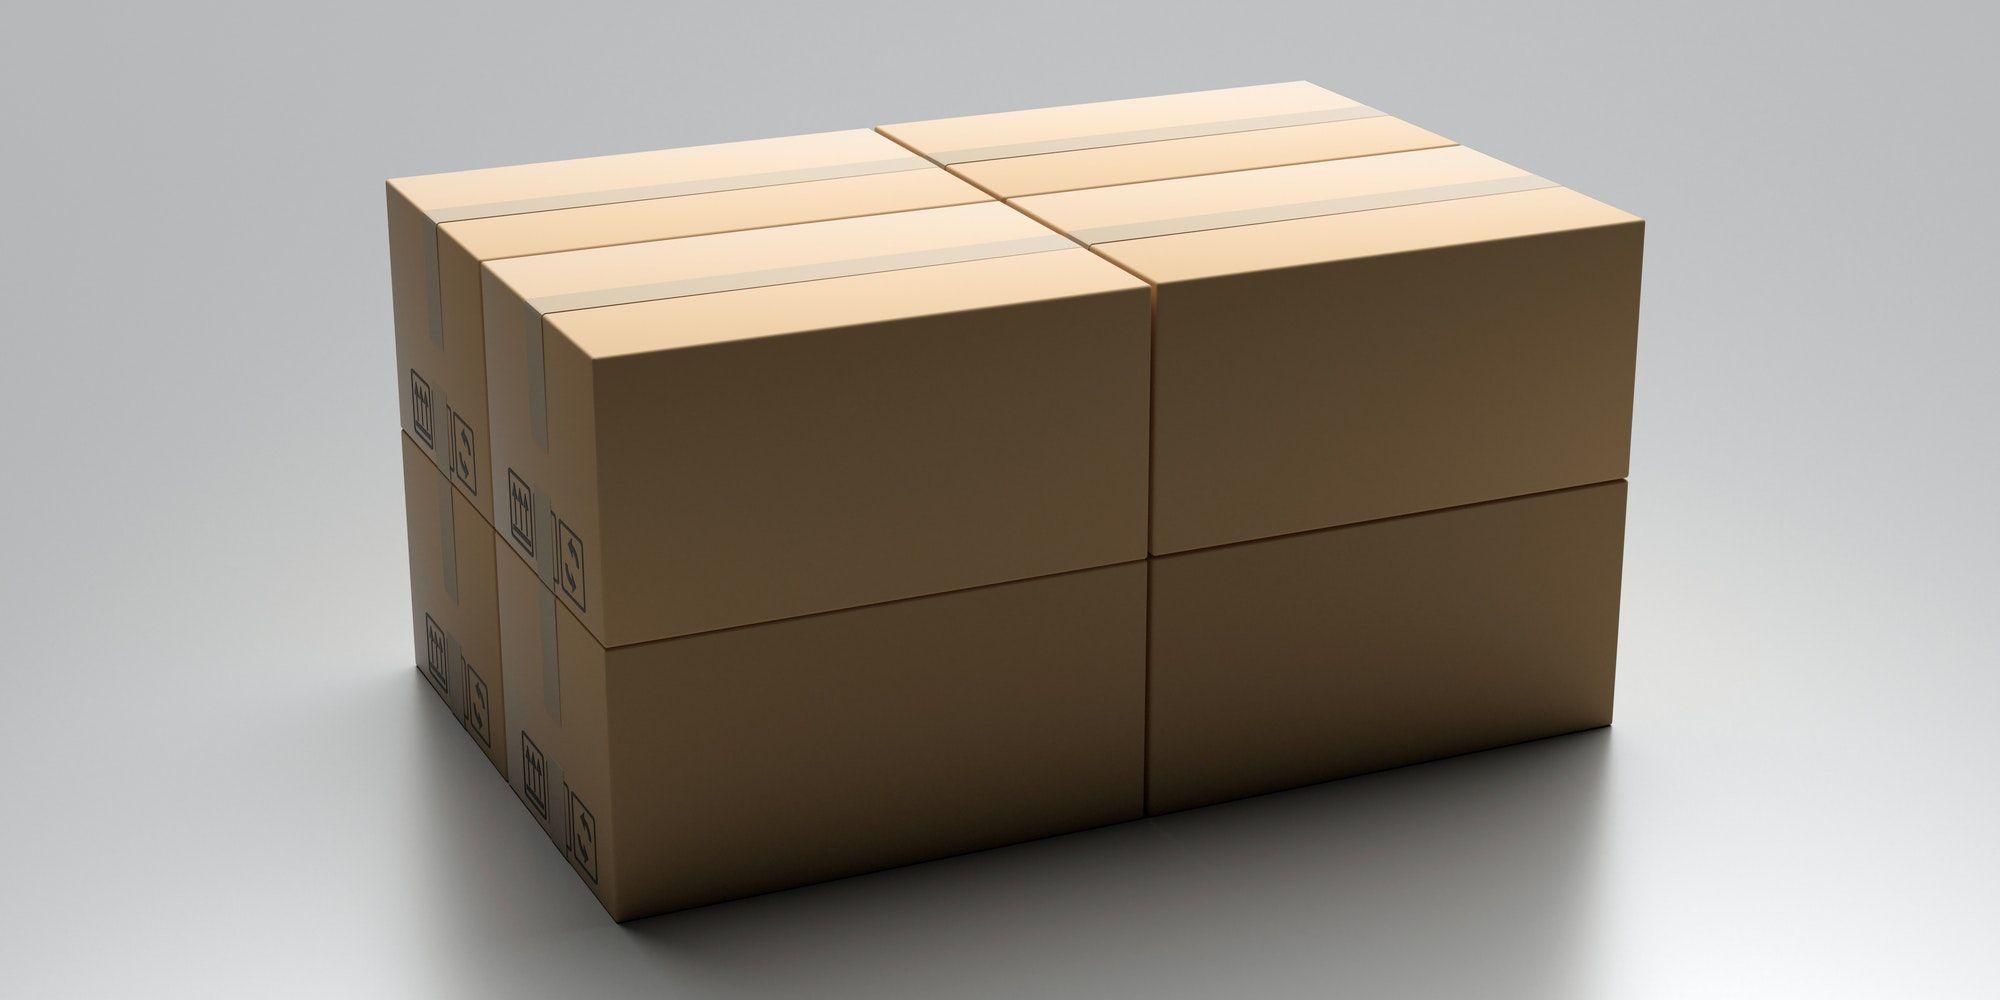 Cardboard packages stack on gray industrial floor.